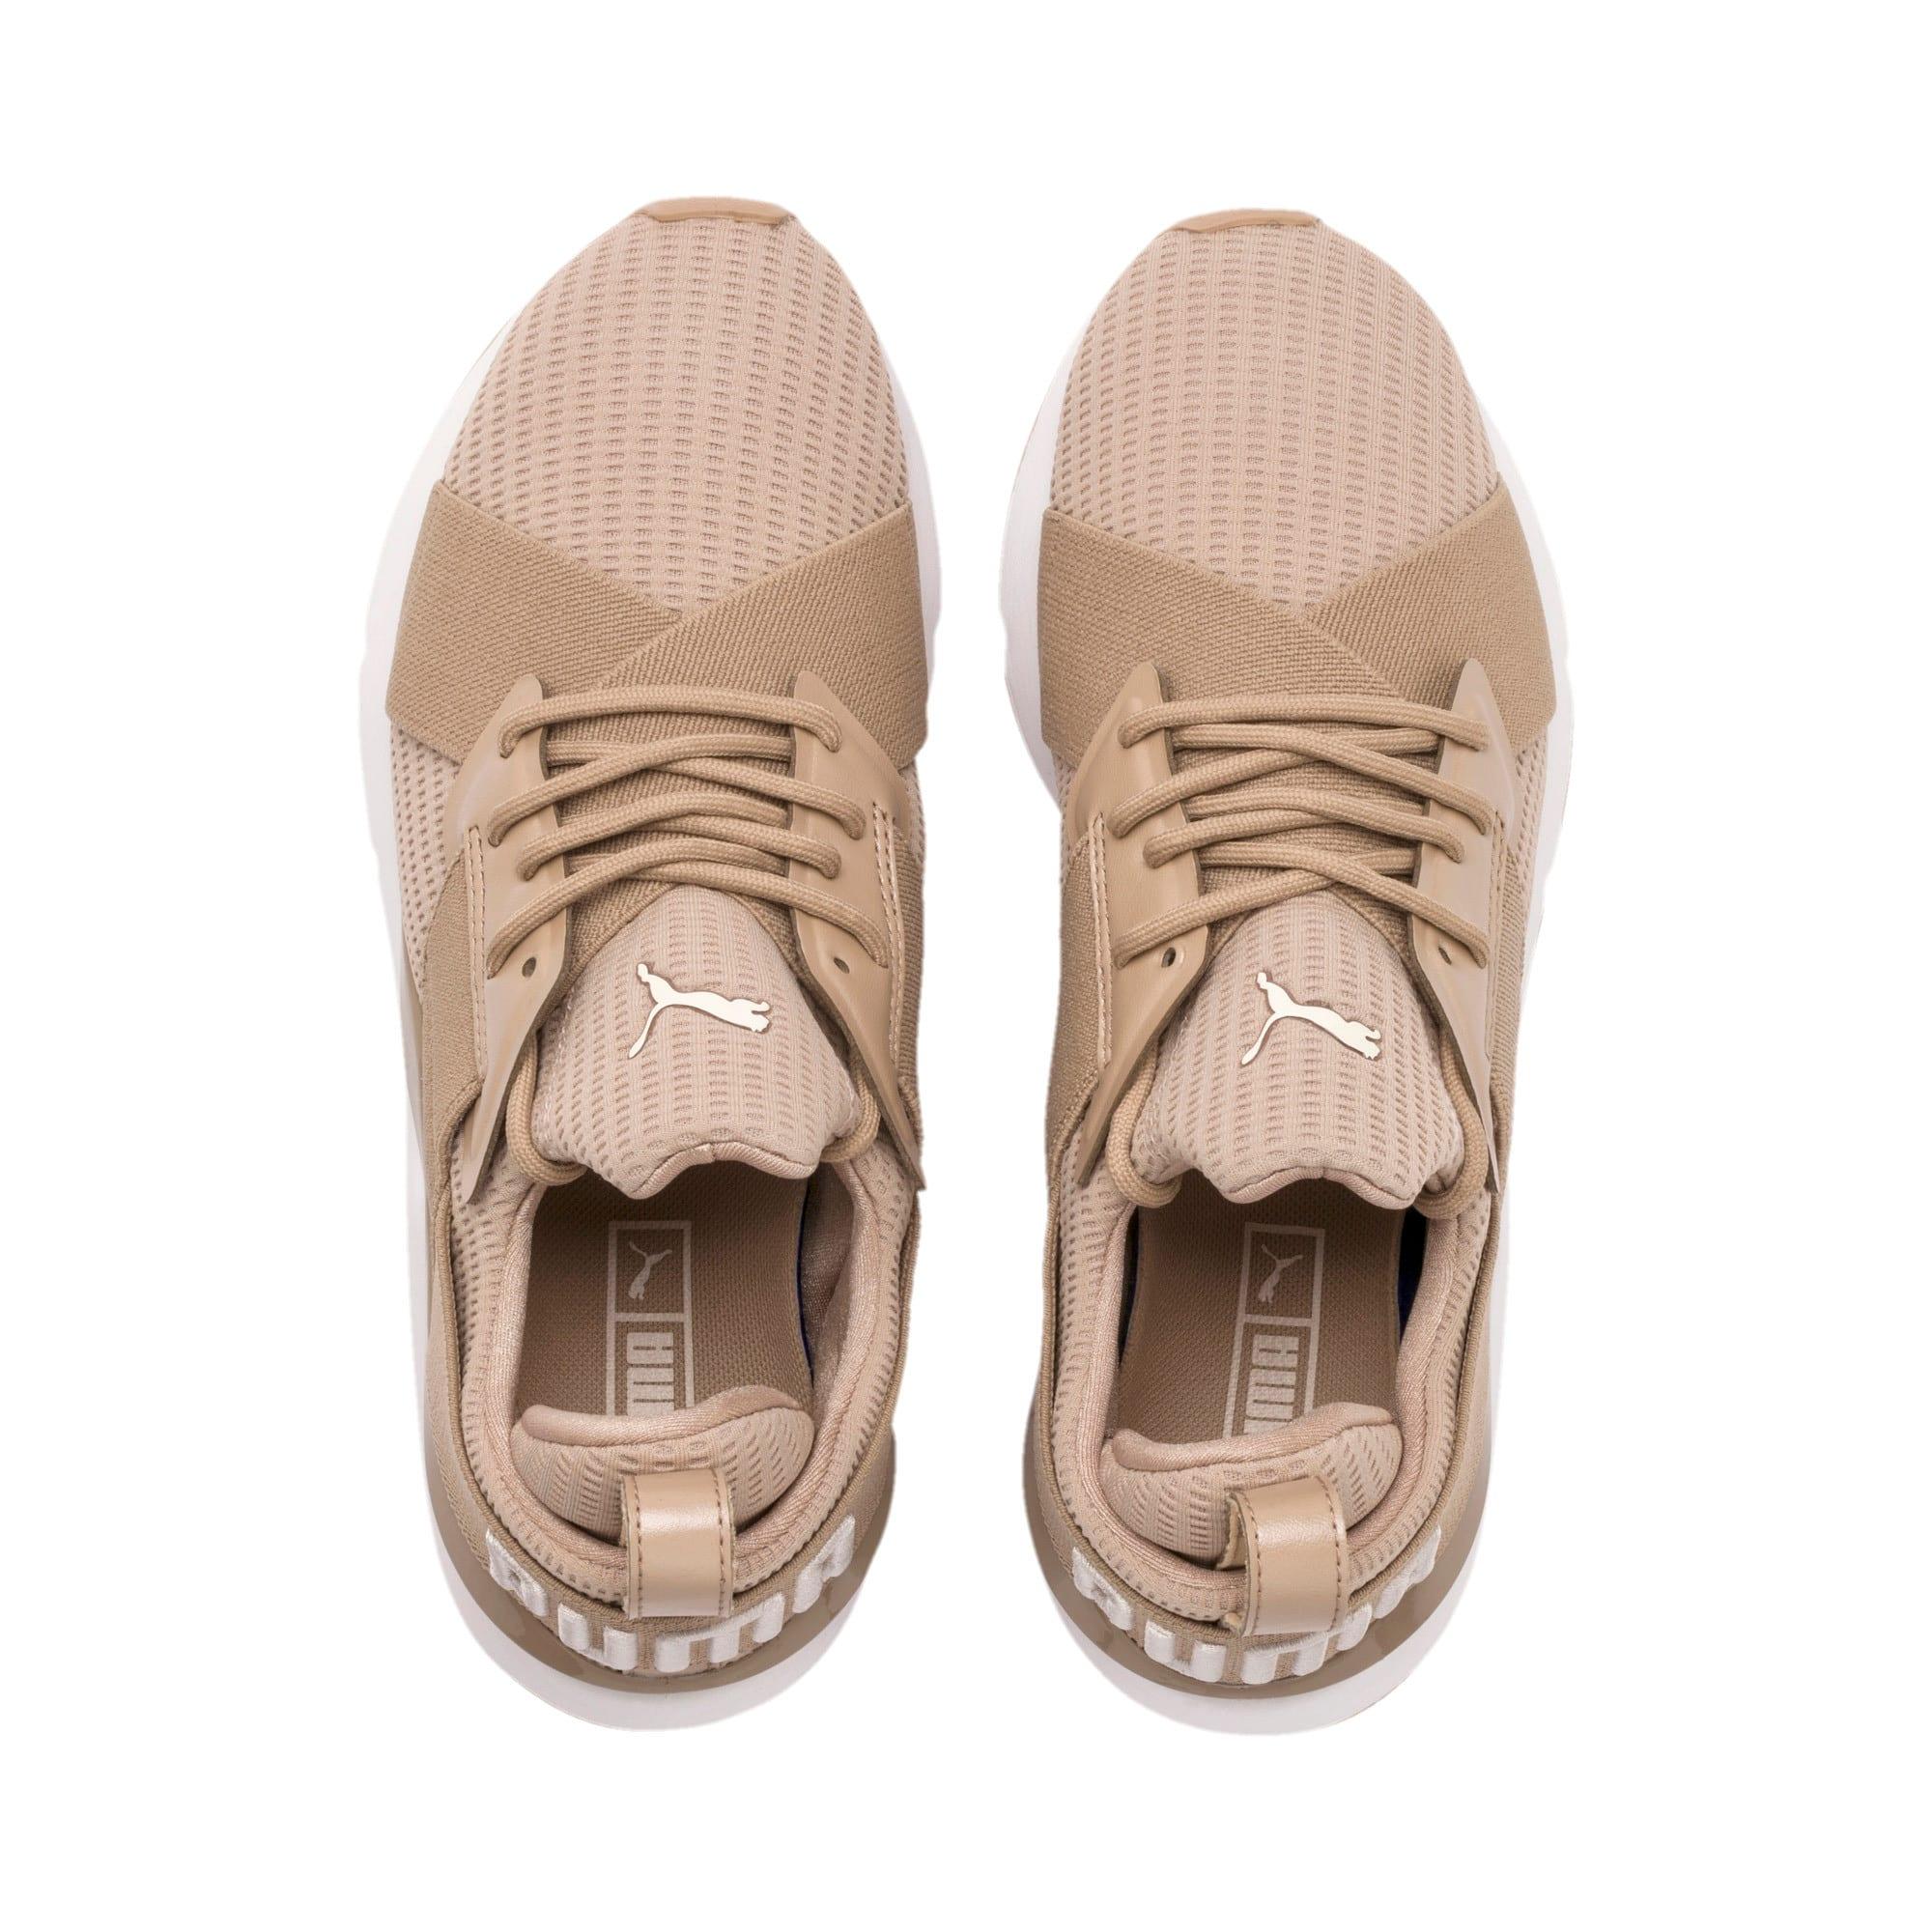 Thumbnail 7 of Muse Core+ Women's Sneakers, Nougat-Pastel Parchment, medium